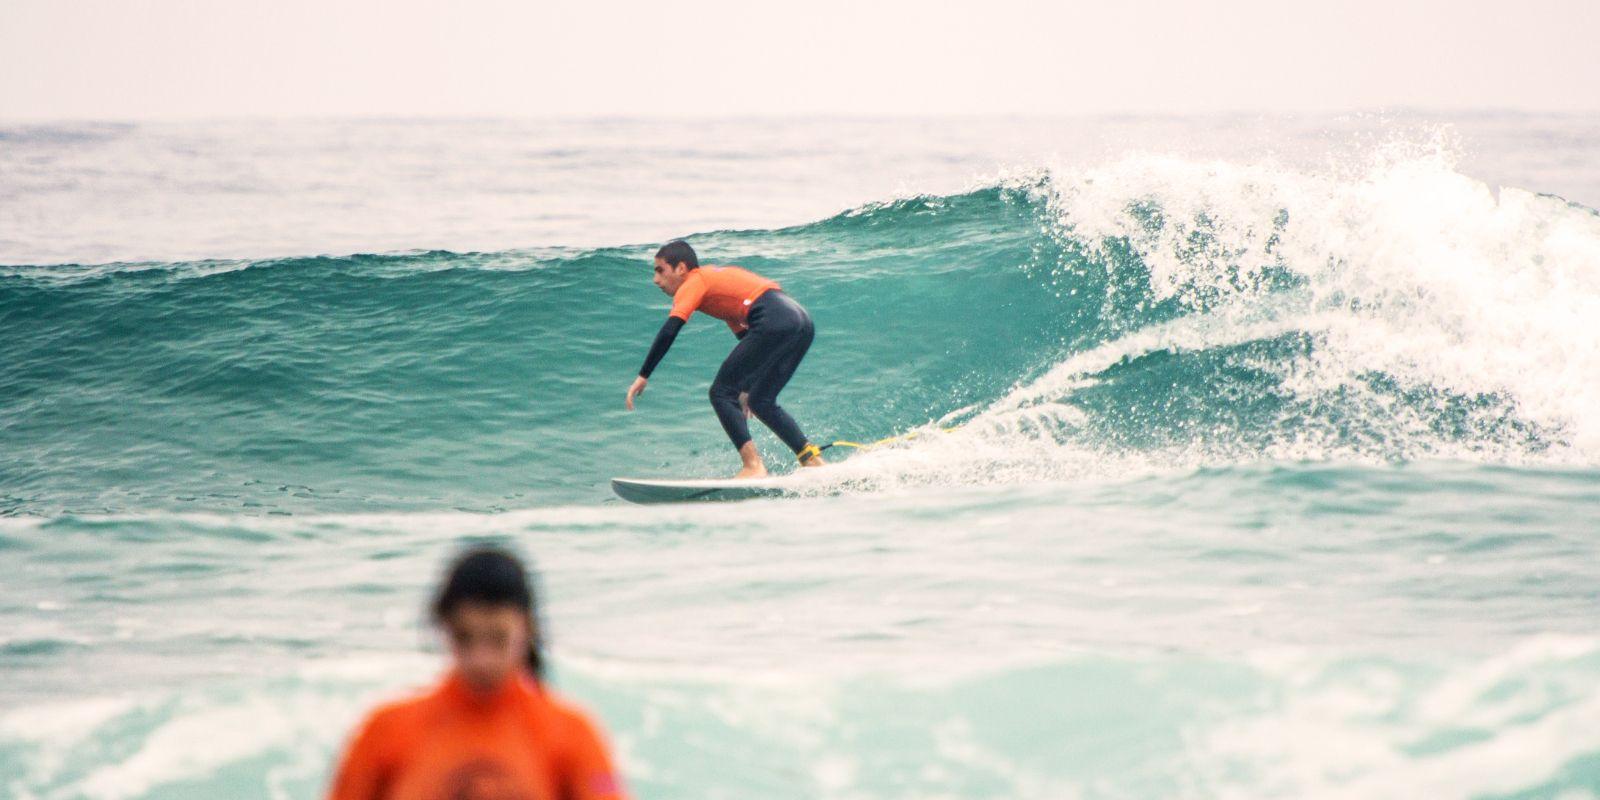 Alumno perfeccionando su técnica de surf